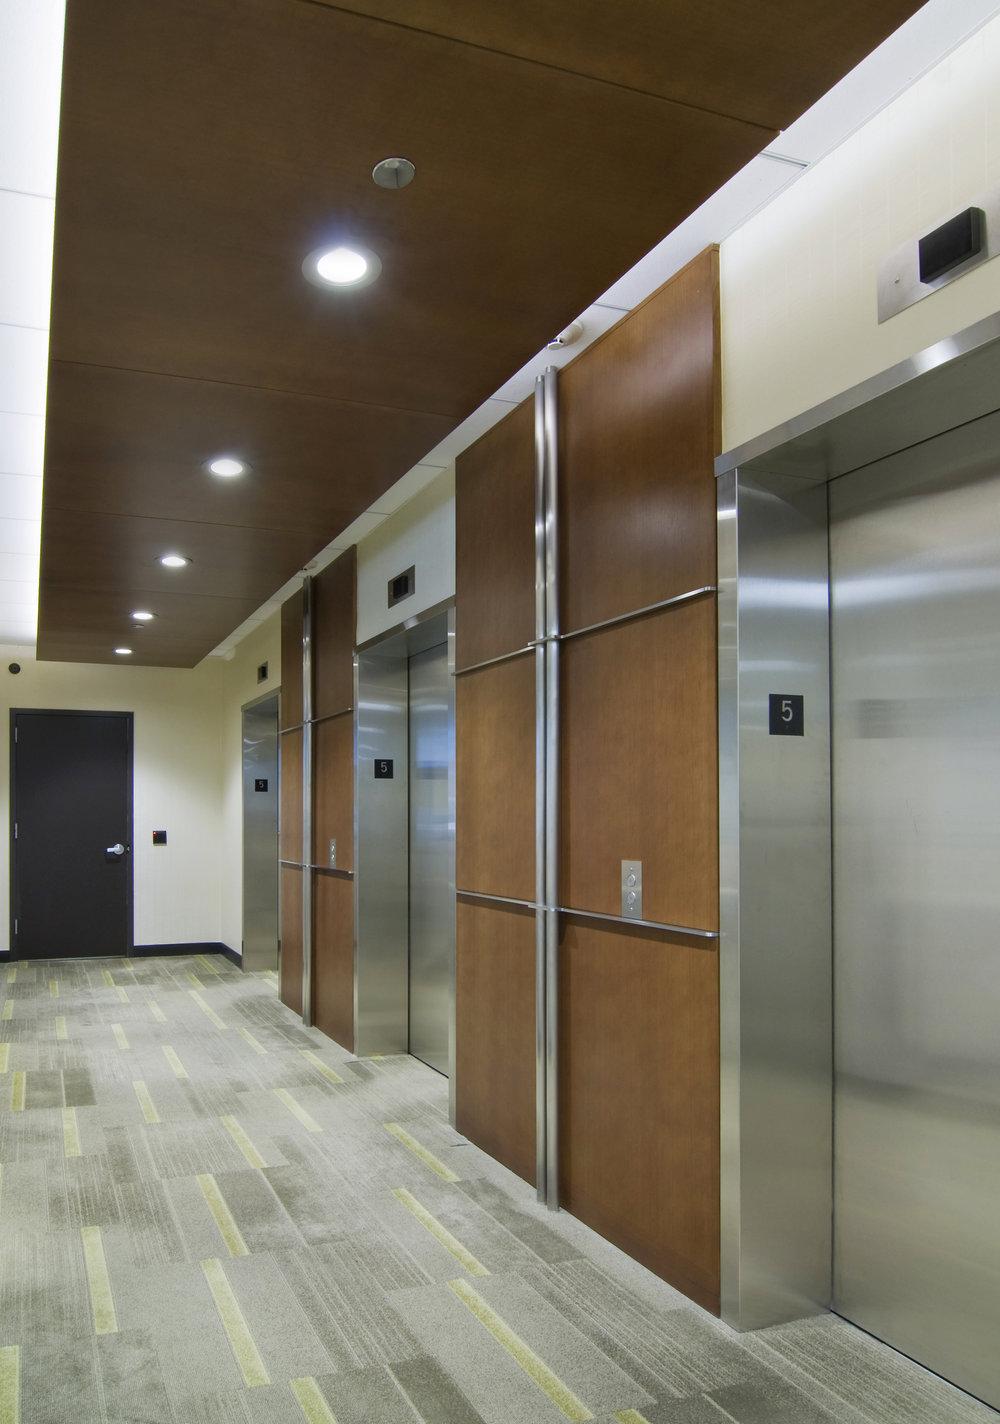 29 Wacker Corridors